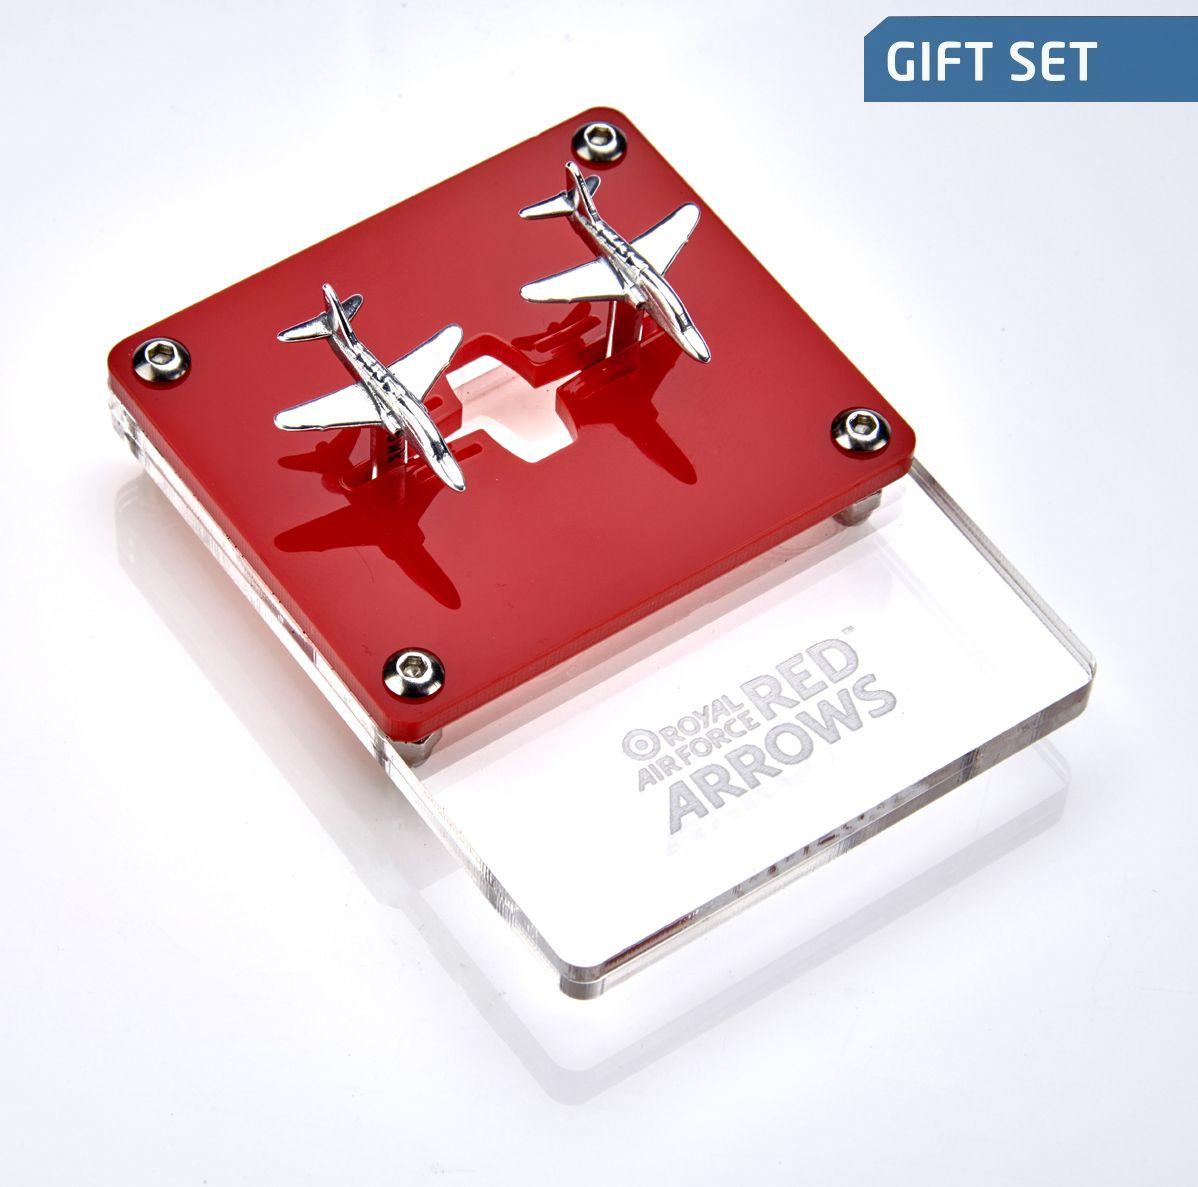 RAF Gift Set